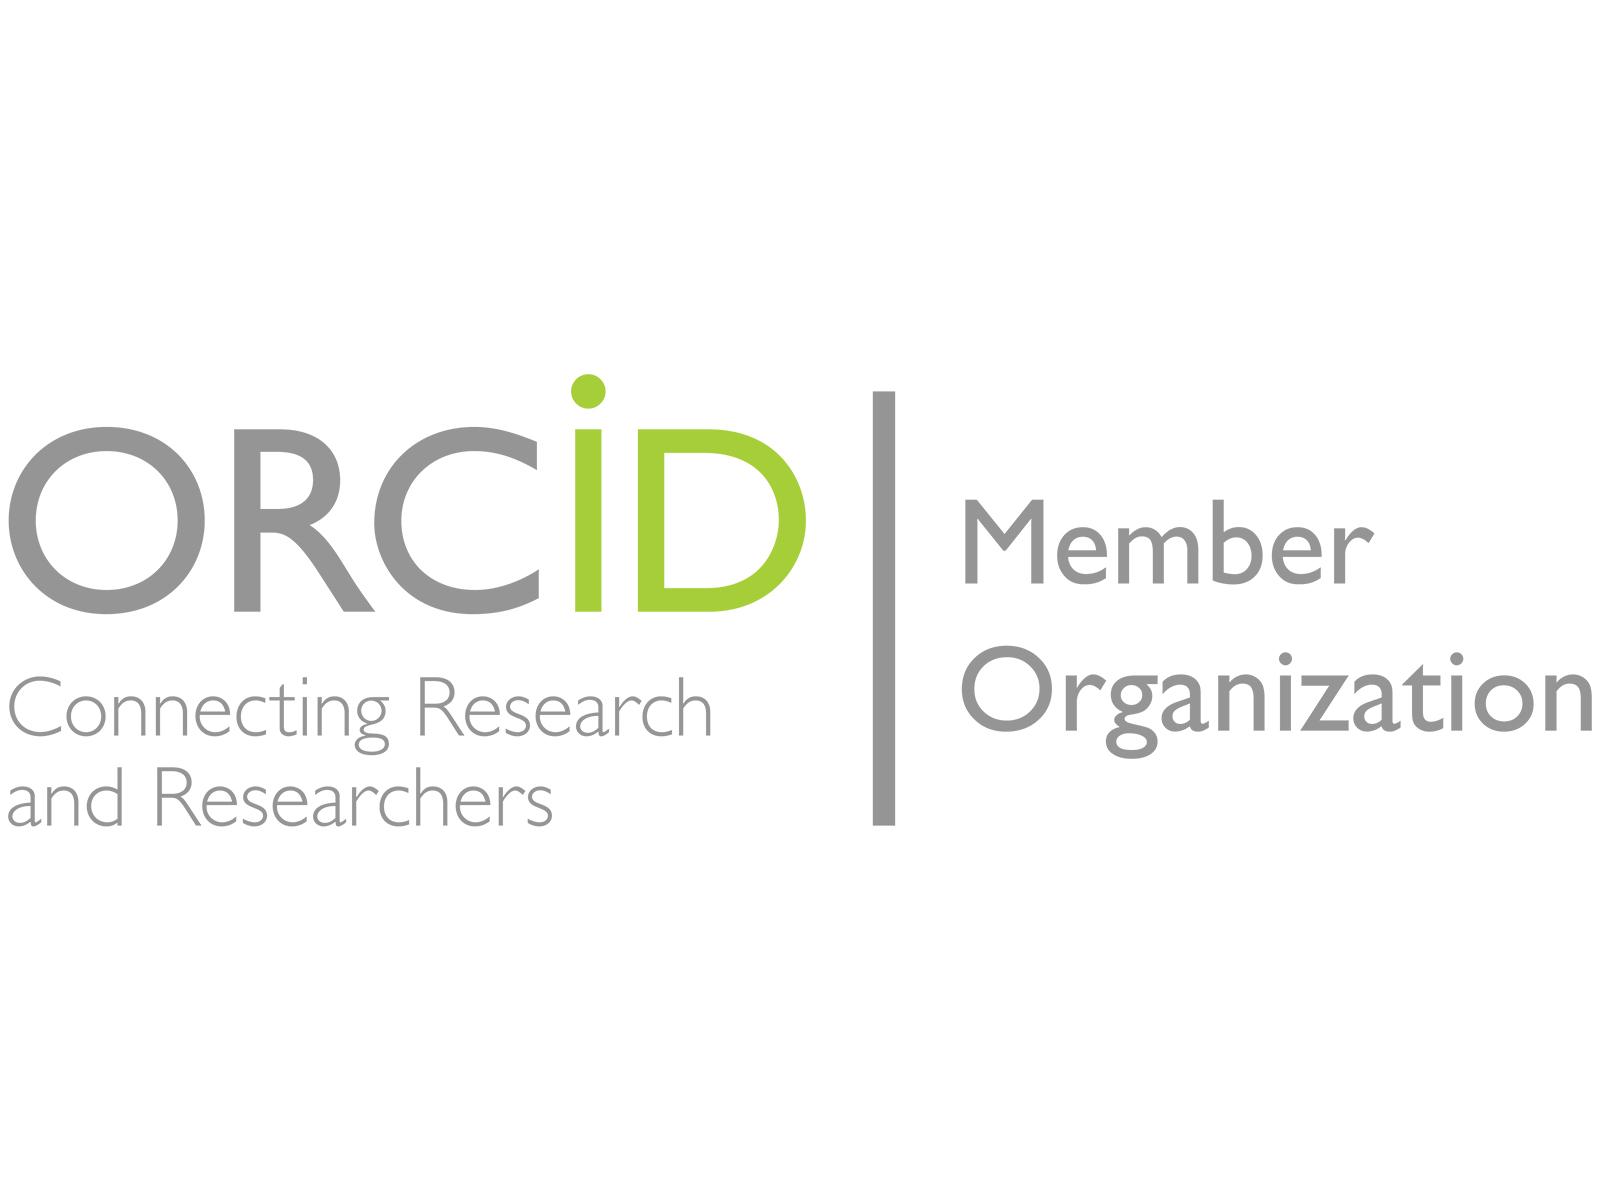 ORCID-Member-Organization.jpg